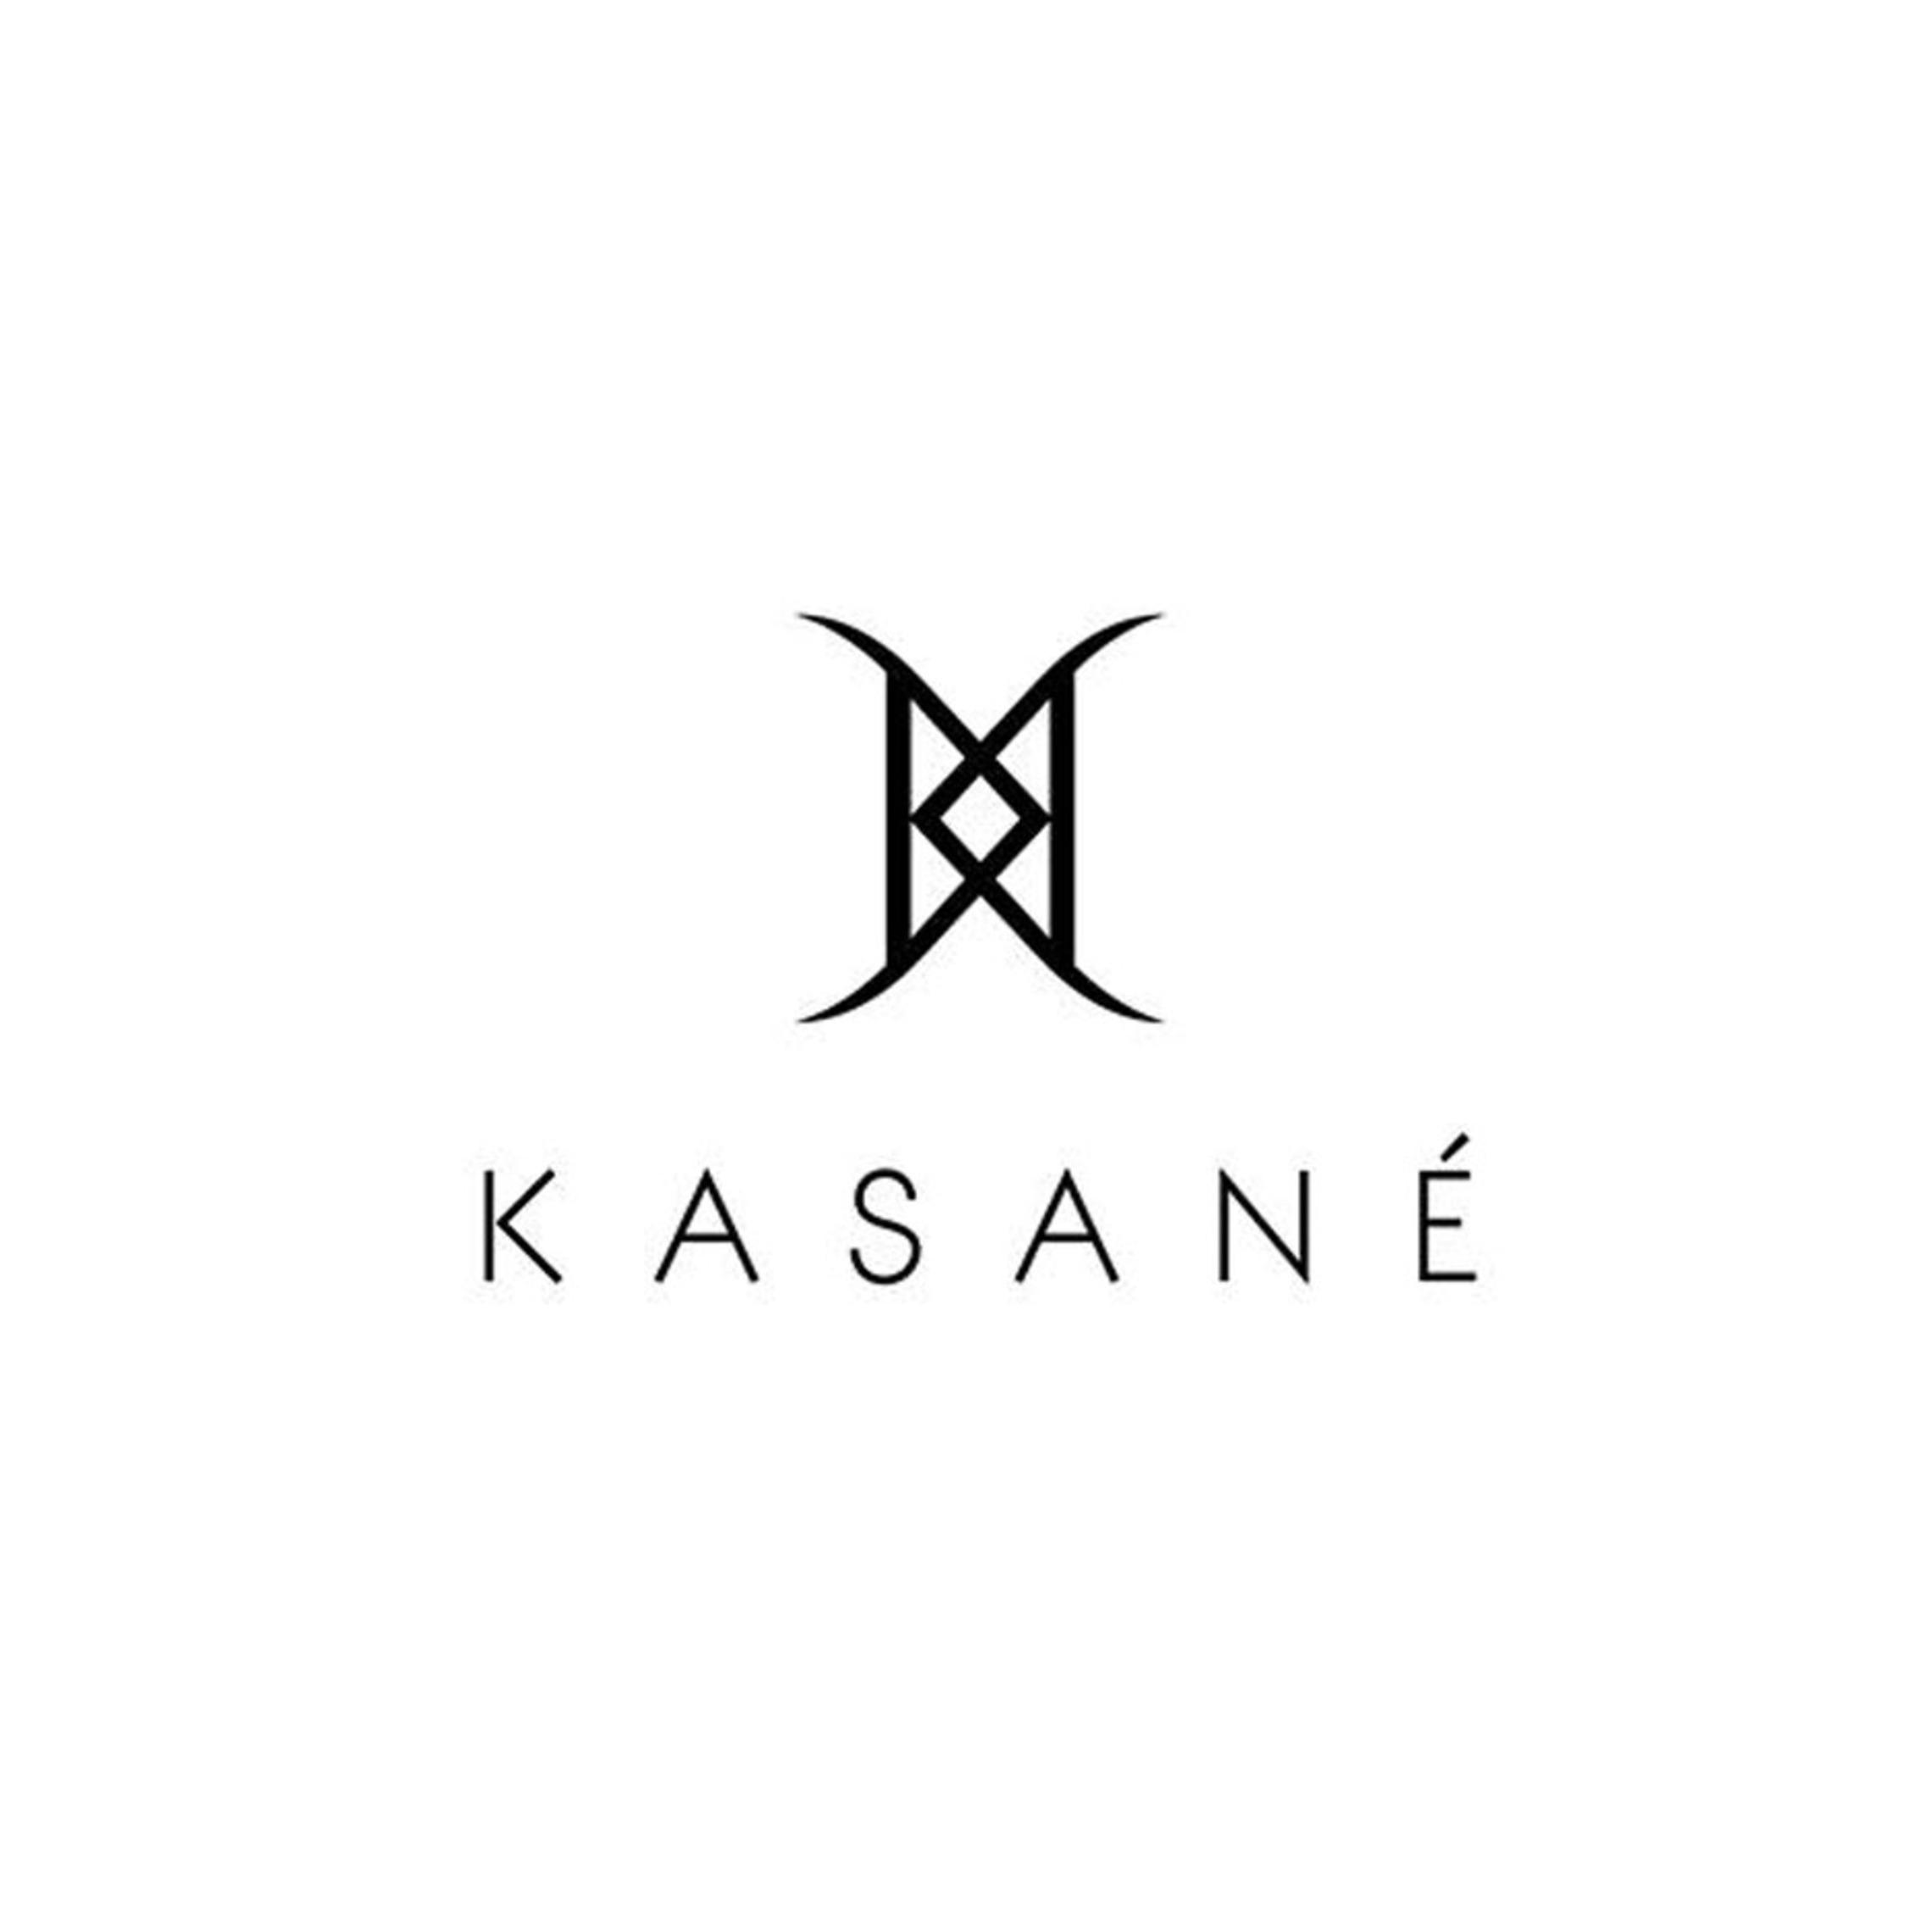 kasane- company logo